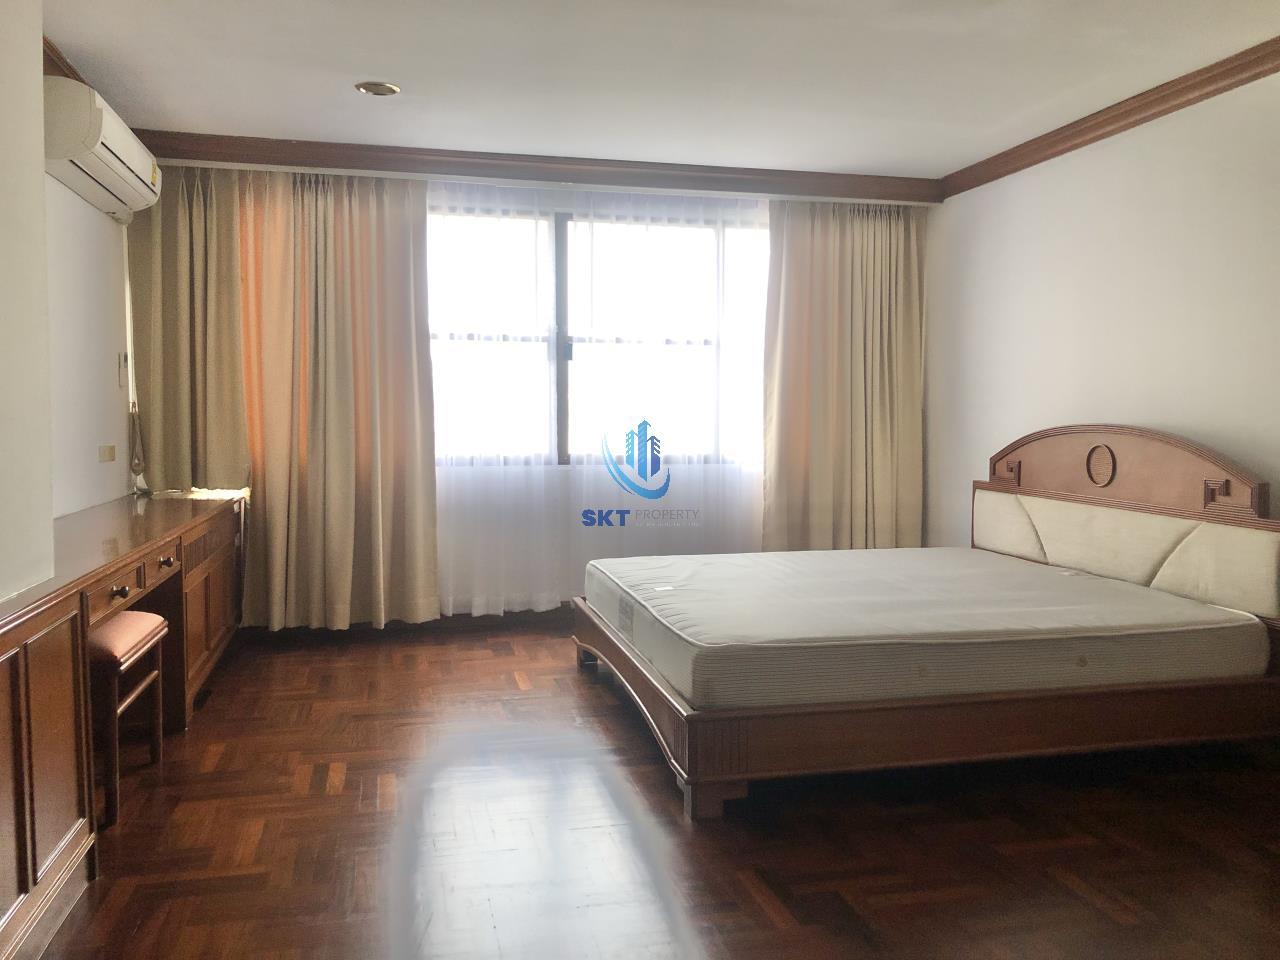 Sukritta Property Agency's Sethiwan Palace - Sukhumvit soi 4 - Bts Nana 8